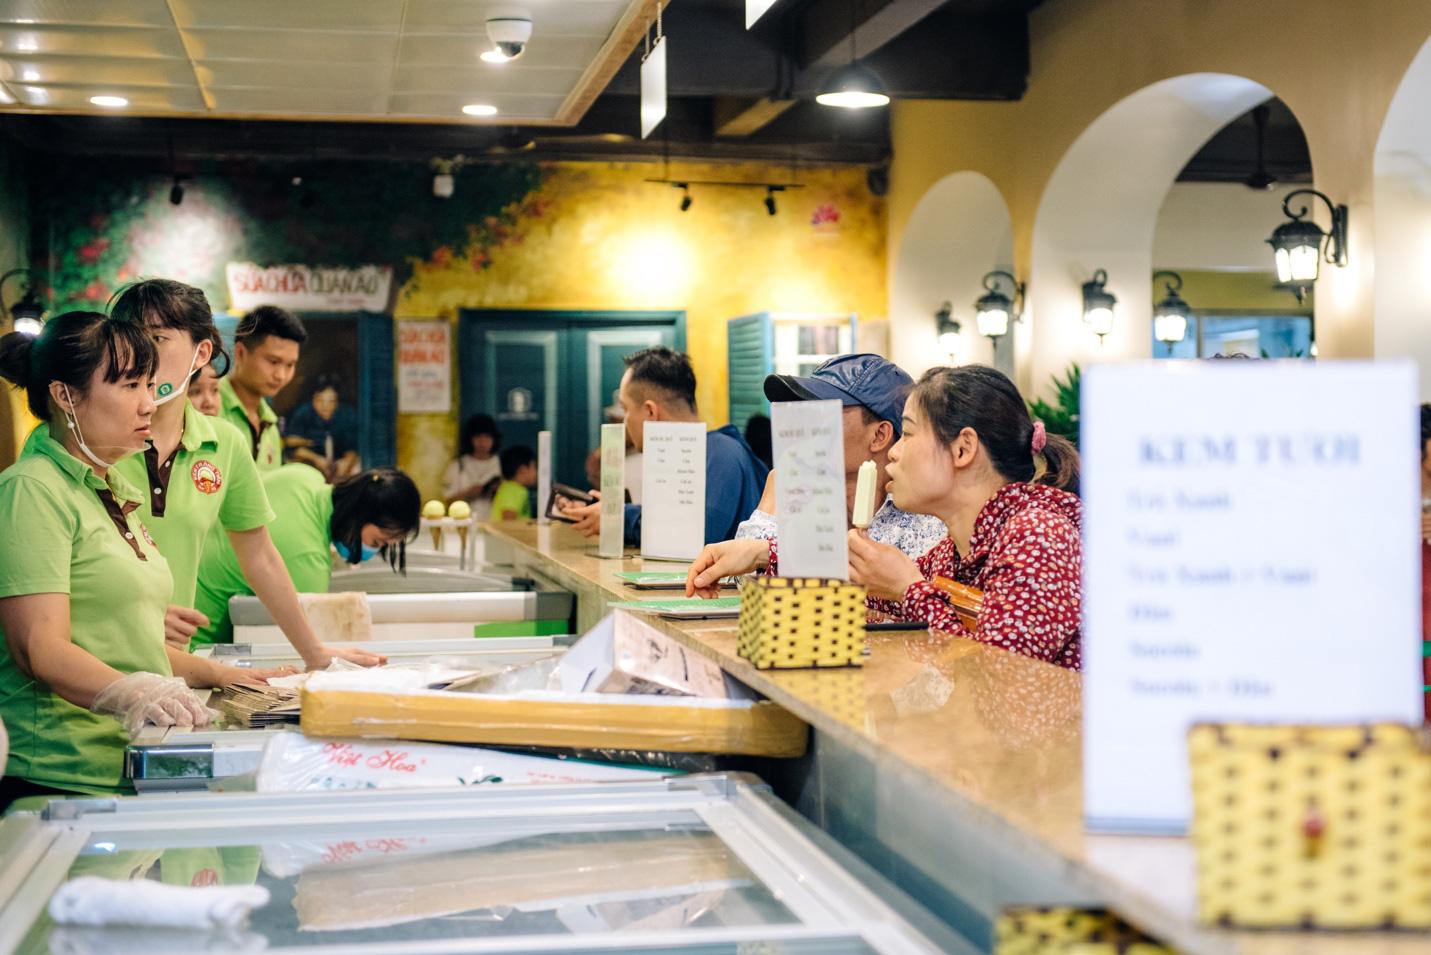 Dường như cả Hà Nội đều đang đổ về phố Tràng Tiền ăn kem, check-in với tàu điện xưa! - Ảnh 7.